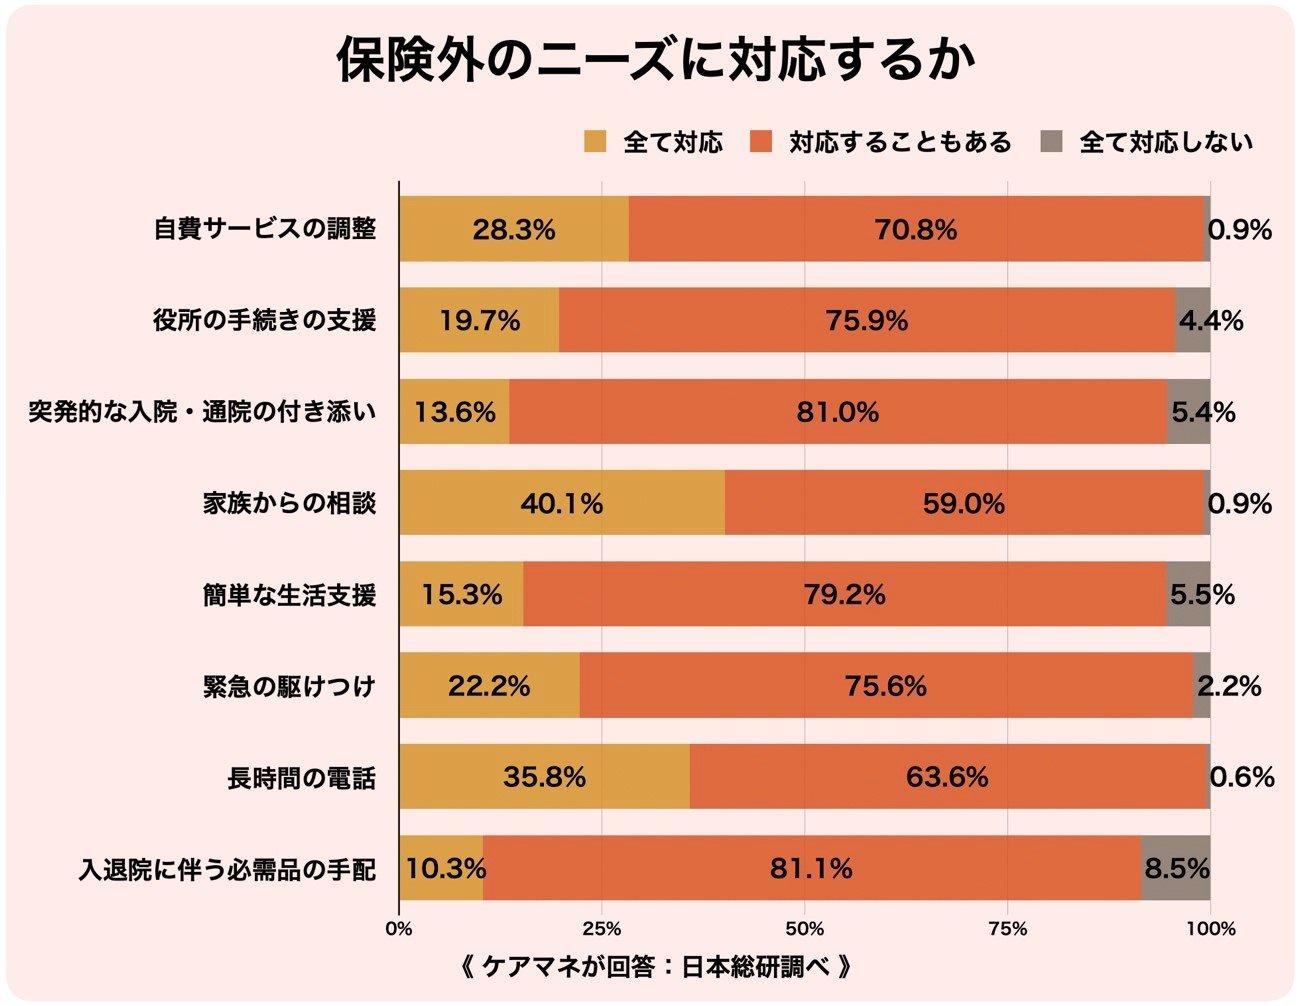 ケアマネアンケート調査.jpg